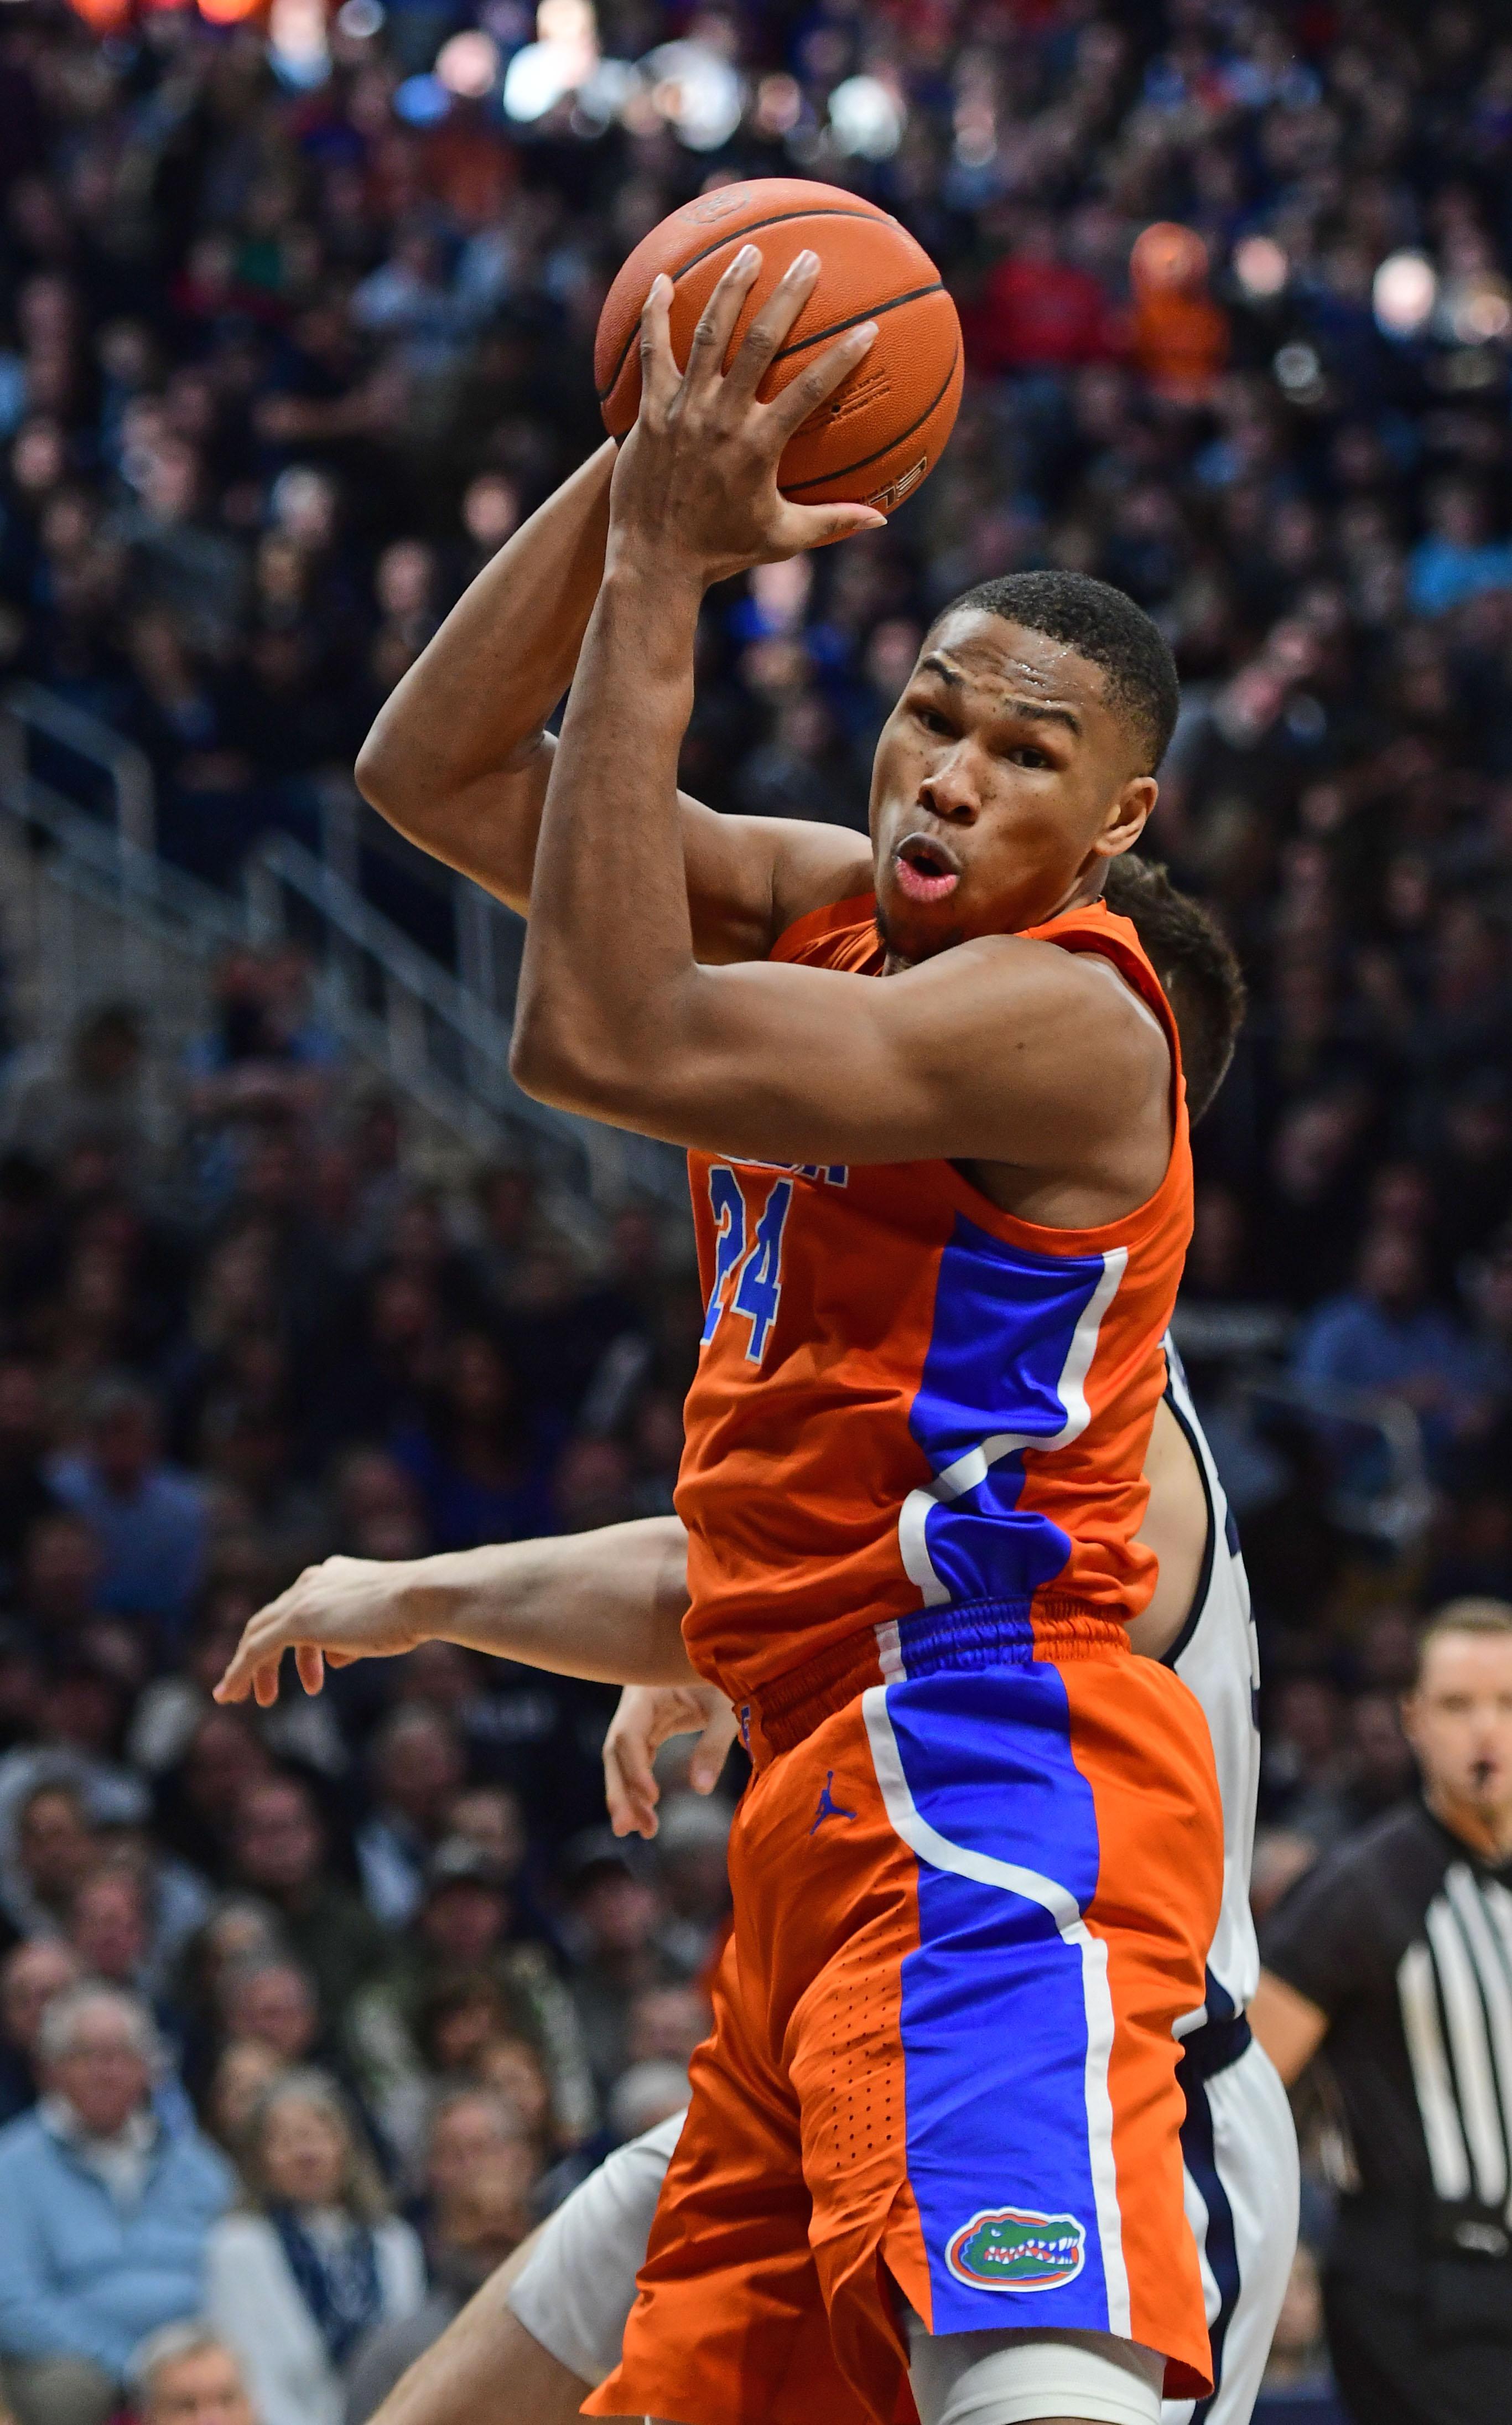 NCAA Basketball: Florida at Butler